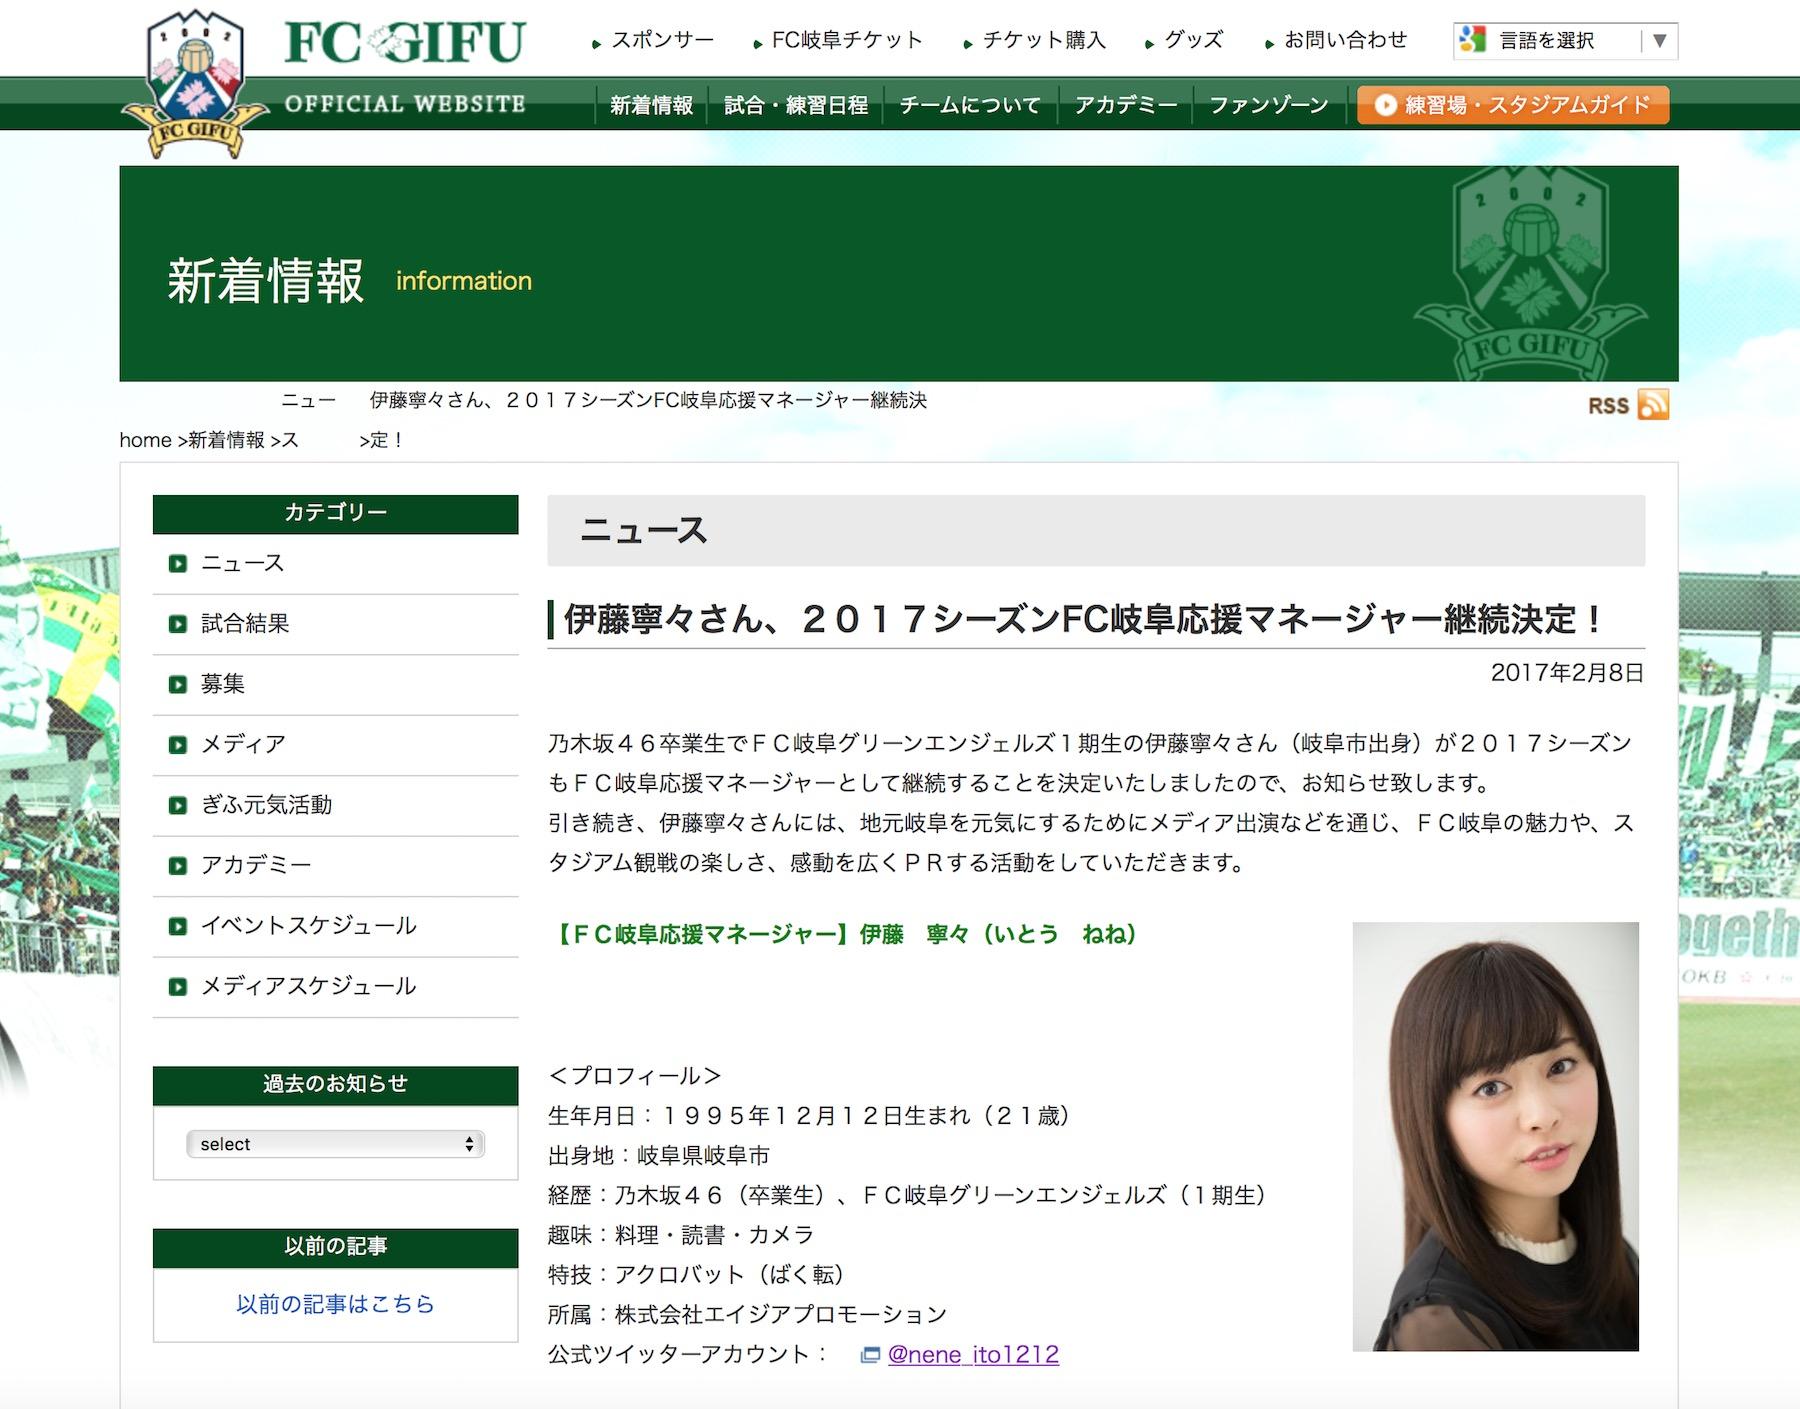 伊藤寧々がFC岐阜応援マネージャー継続 3年目に向け「一緒に応援しようね」